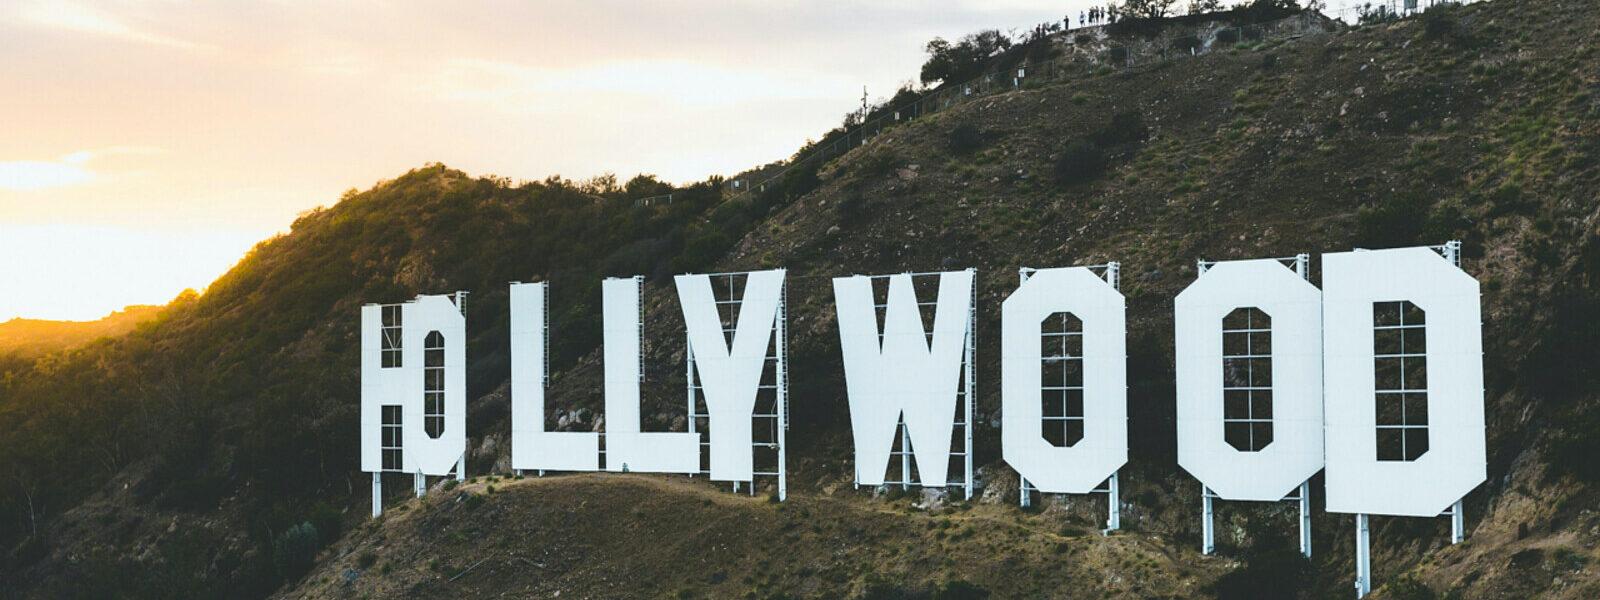 w-hollywood-powstaje-film-obl.-carlo-acutisie